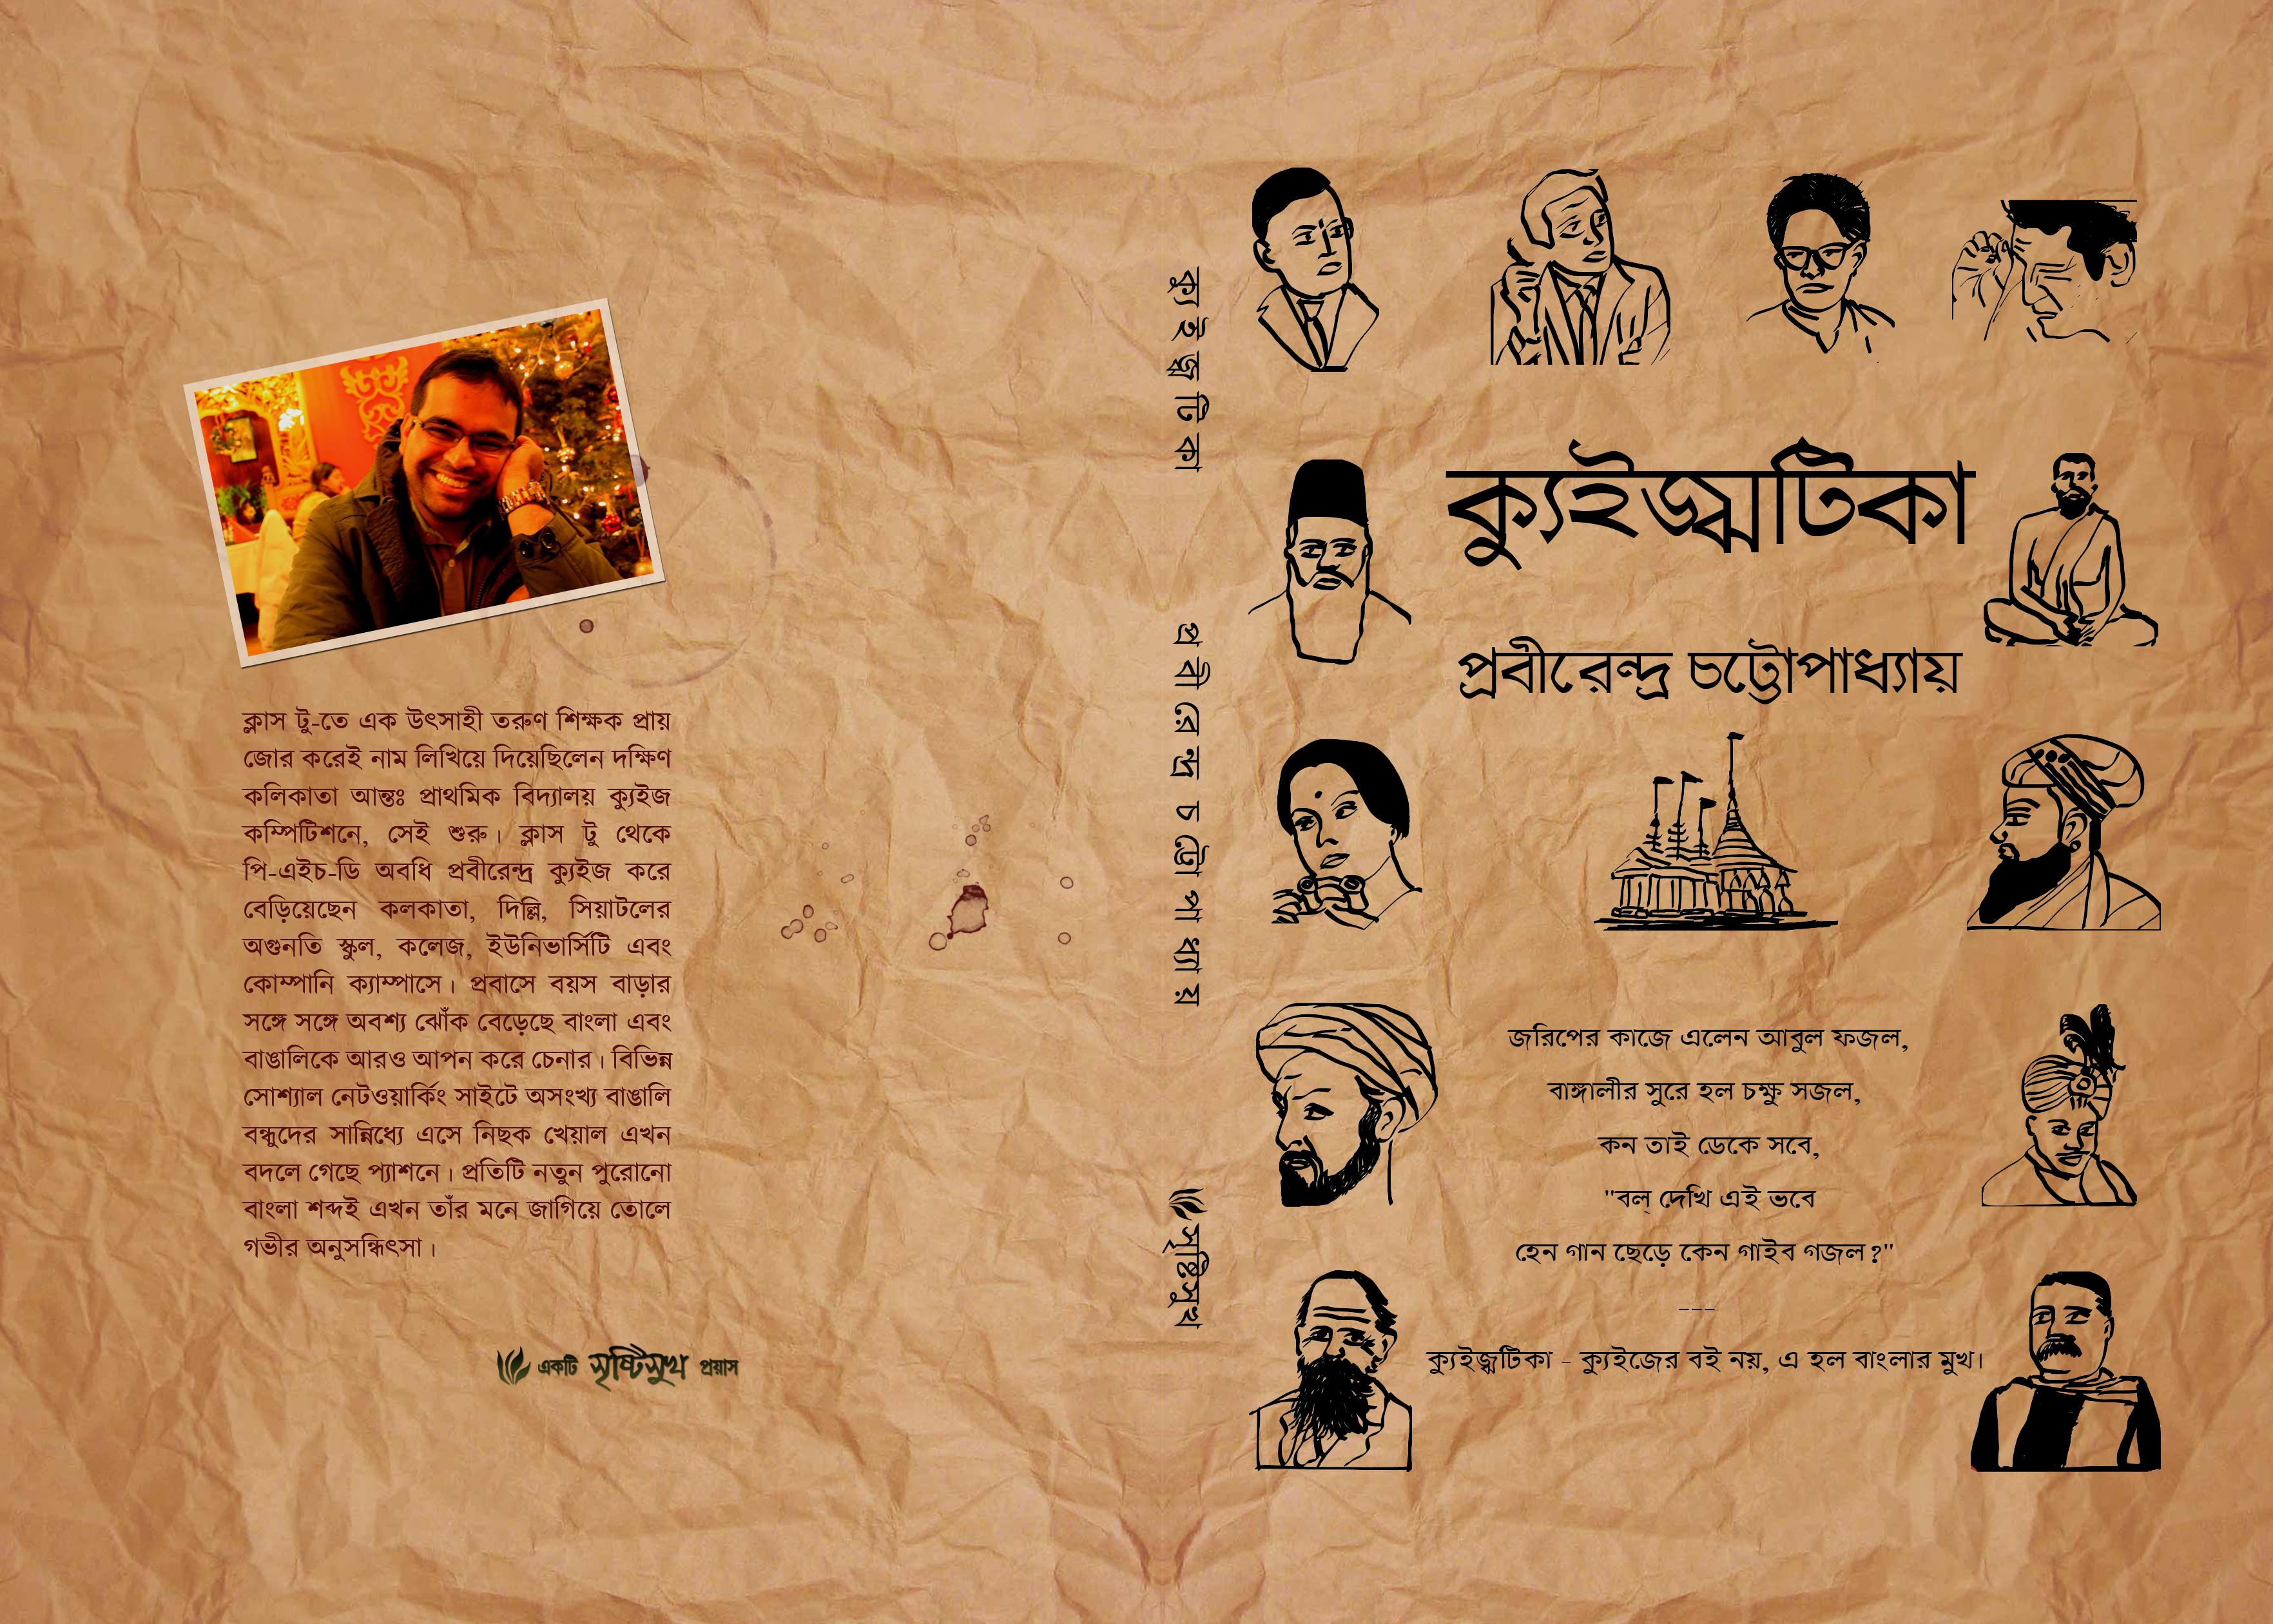 ক্যুইজ্ঝটিকা - ক্যুইজের বই নয়, বাংলার মুখ